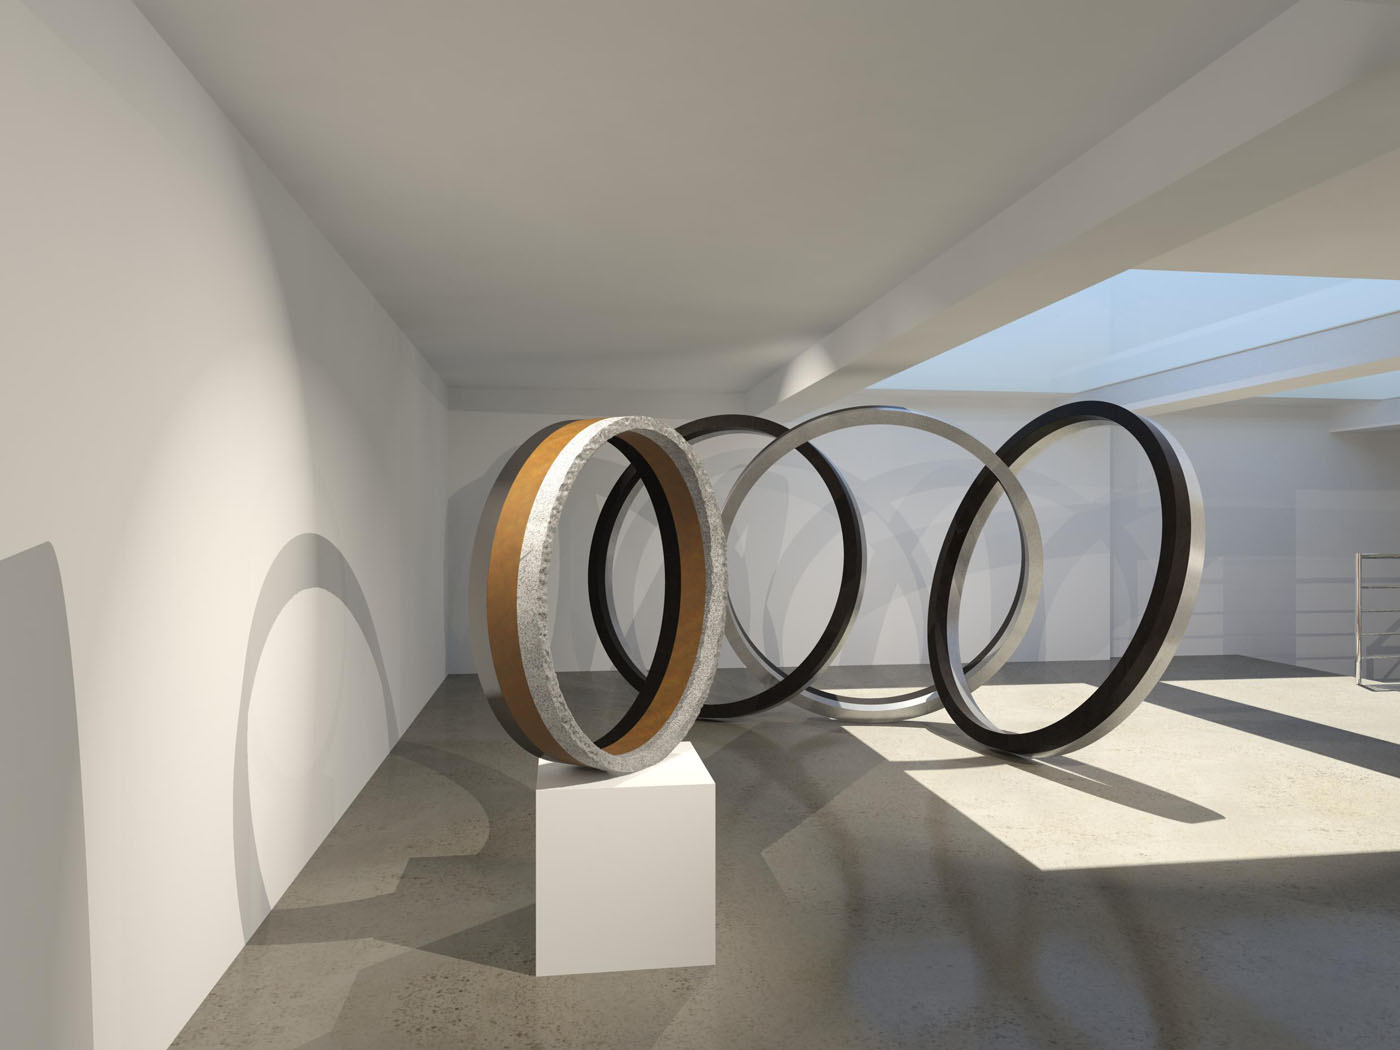 Escultura-en-espacio-interior01